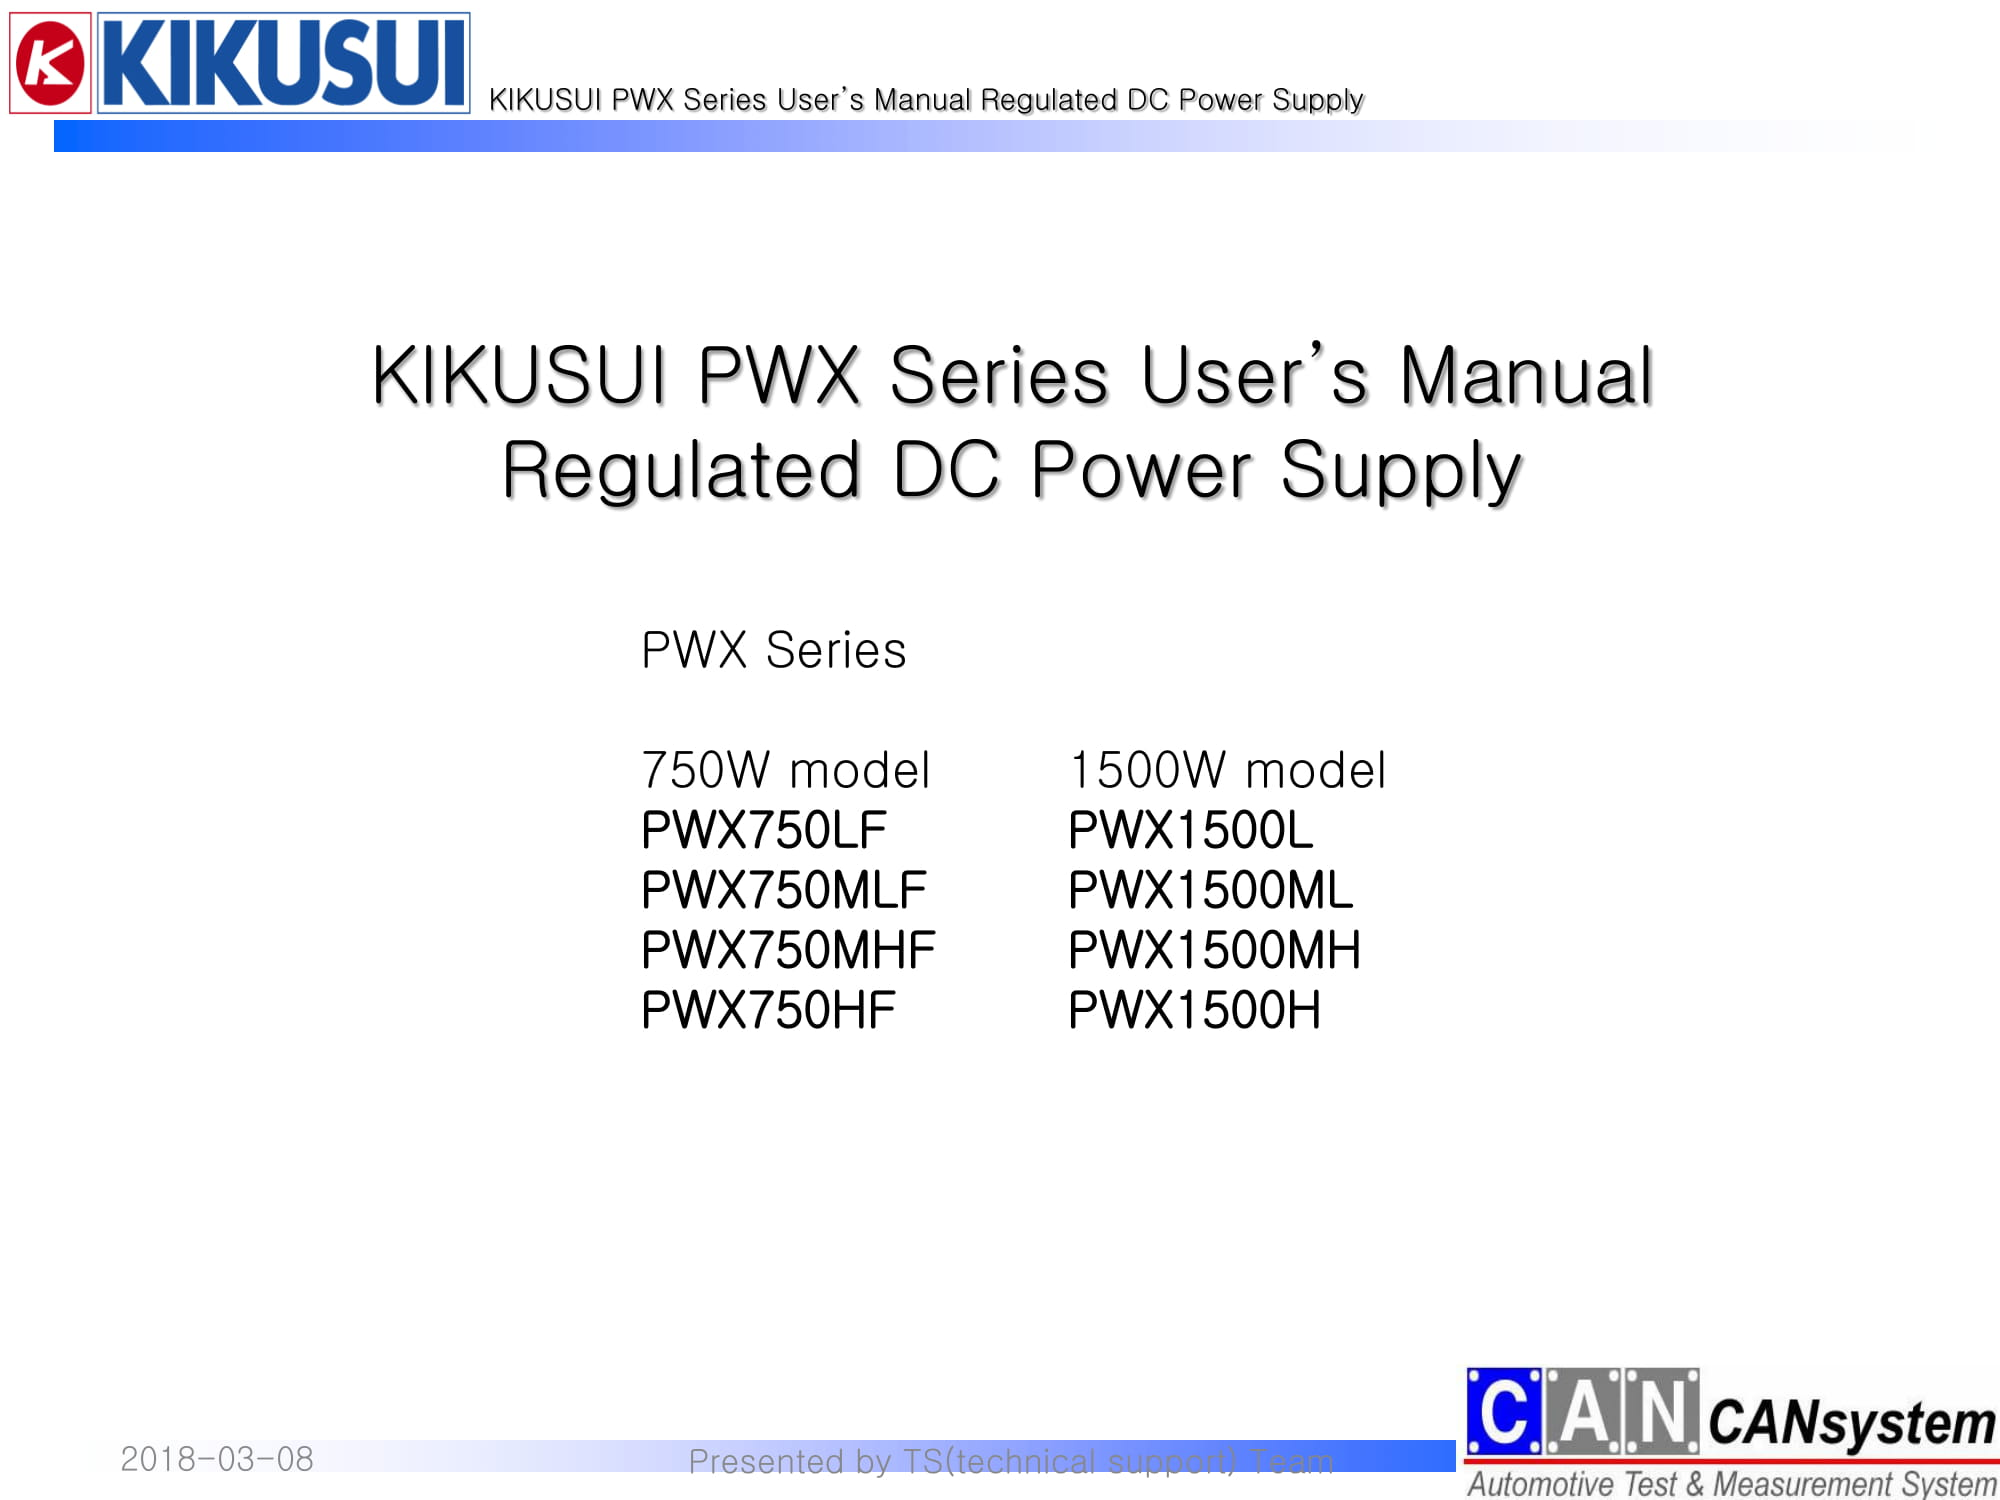 KIKUSUI PWX1500L 사용 가이드-01.jpg